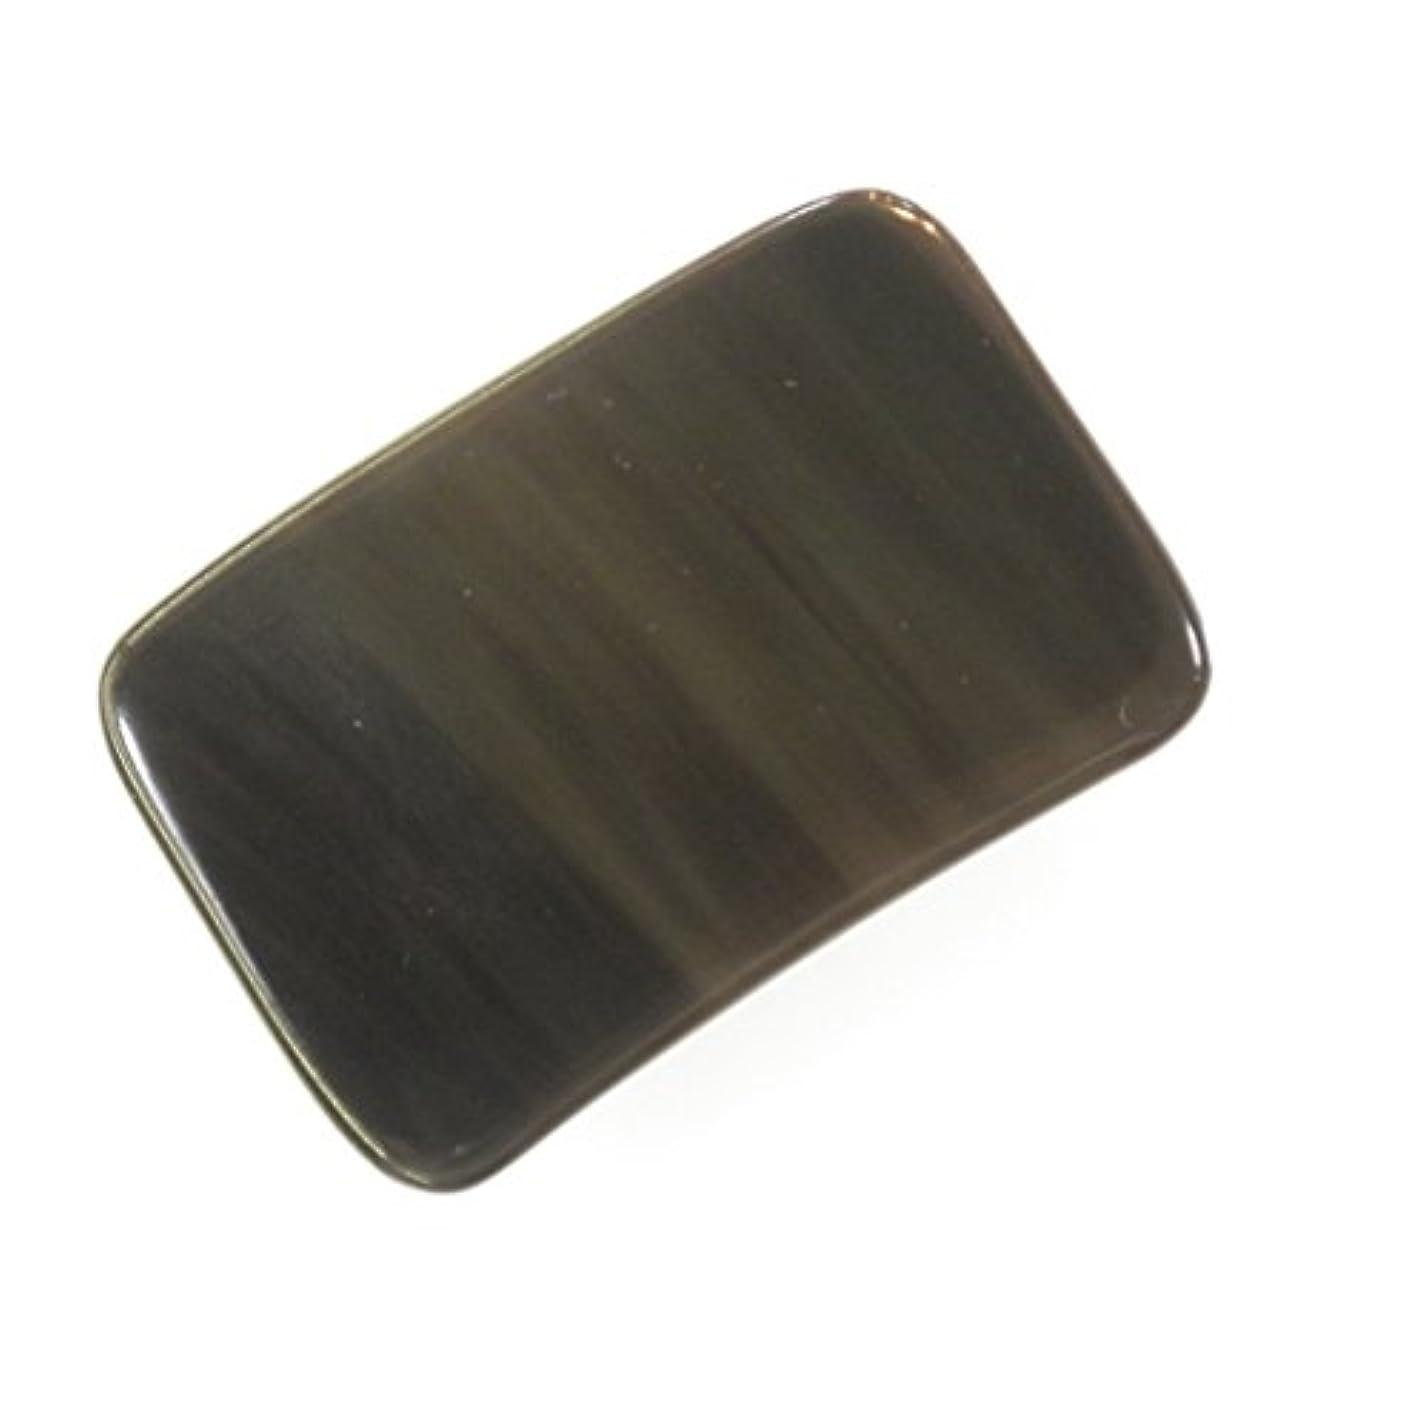 広がりギャングスター歪めるかっさ プレート 厚さが選べる 水牛の角(黒水牛角) EHE214 長方形小 一般品 標準(6ミリ程度)